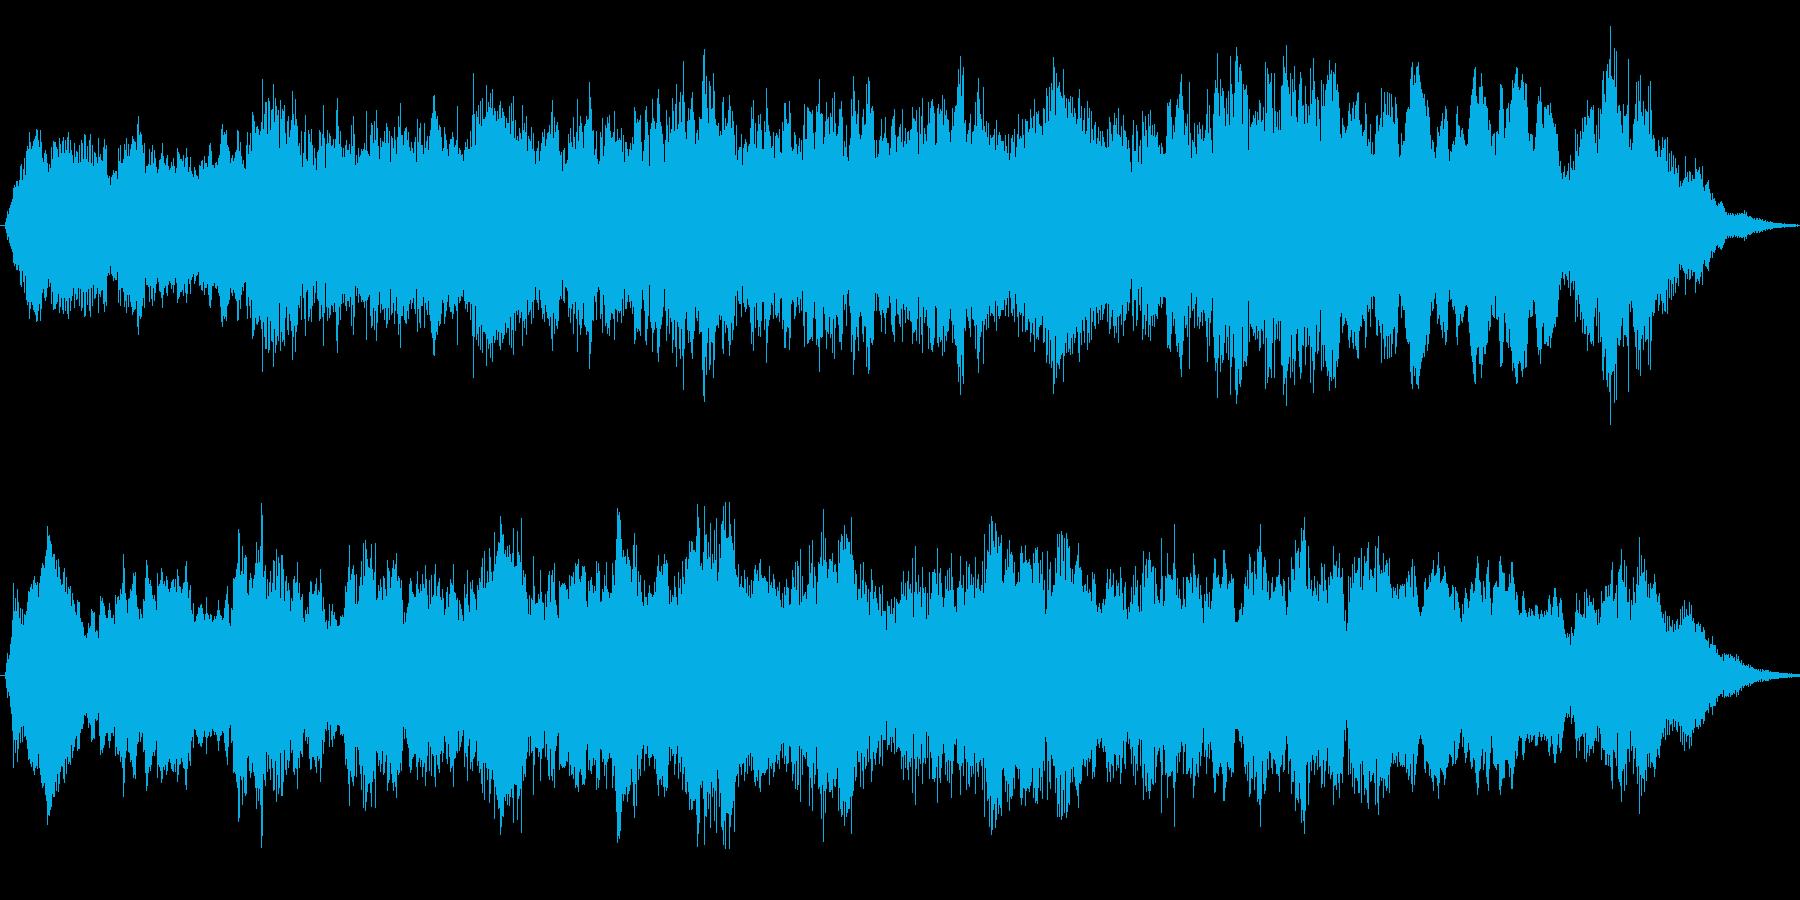 G線上のアリア・優雅な弦楽合奏15sの再生済みの波形